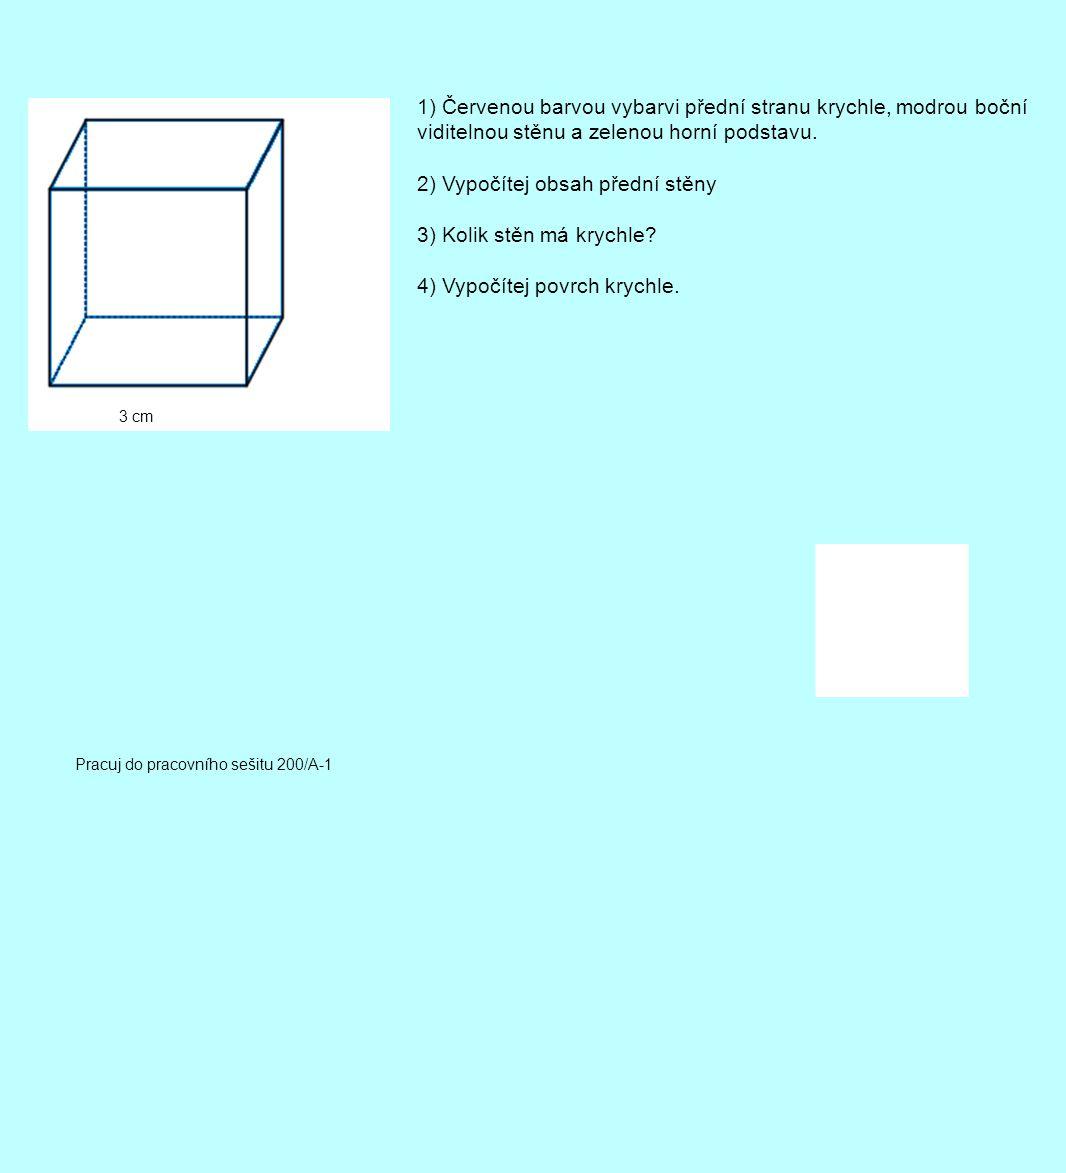 3 cm 1) Červenou barvou vybarvi přední stranu krychle, modrou boční viditelnou stěnu a zelenou horní podstavu. 2) Vypočítej obsah přední stěny 3) Koli